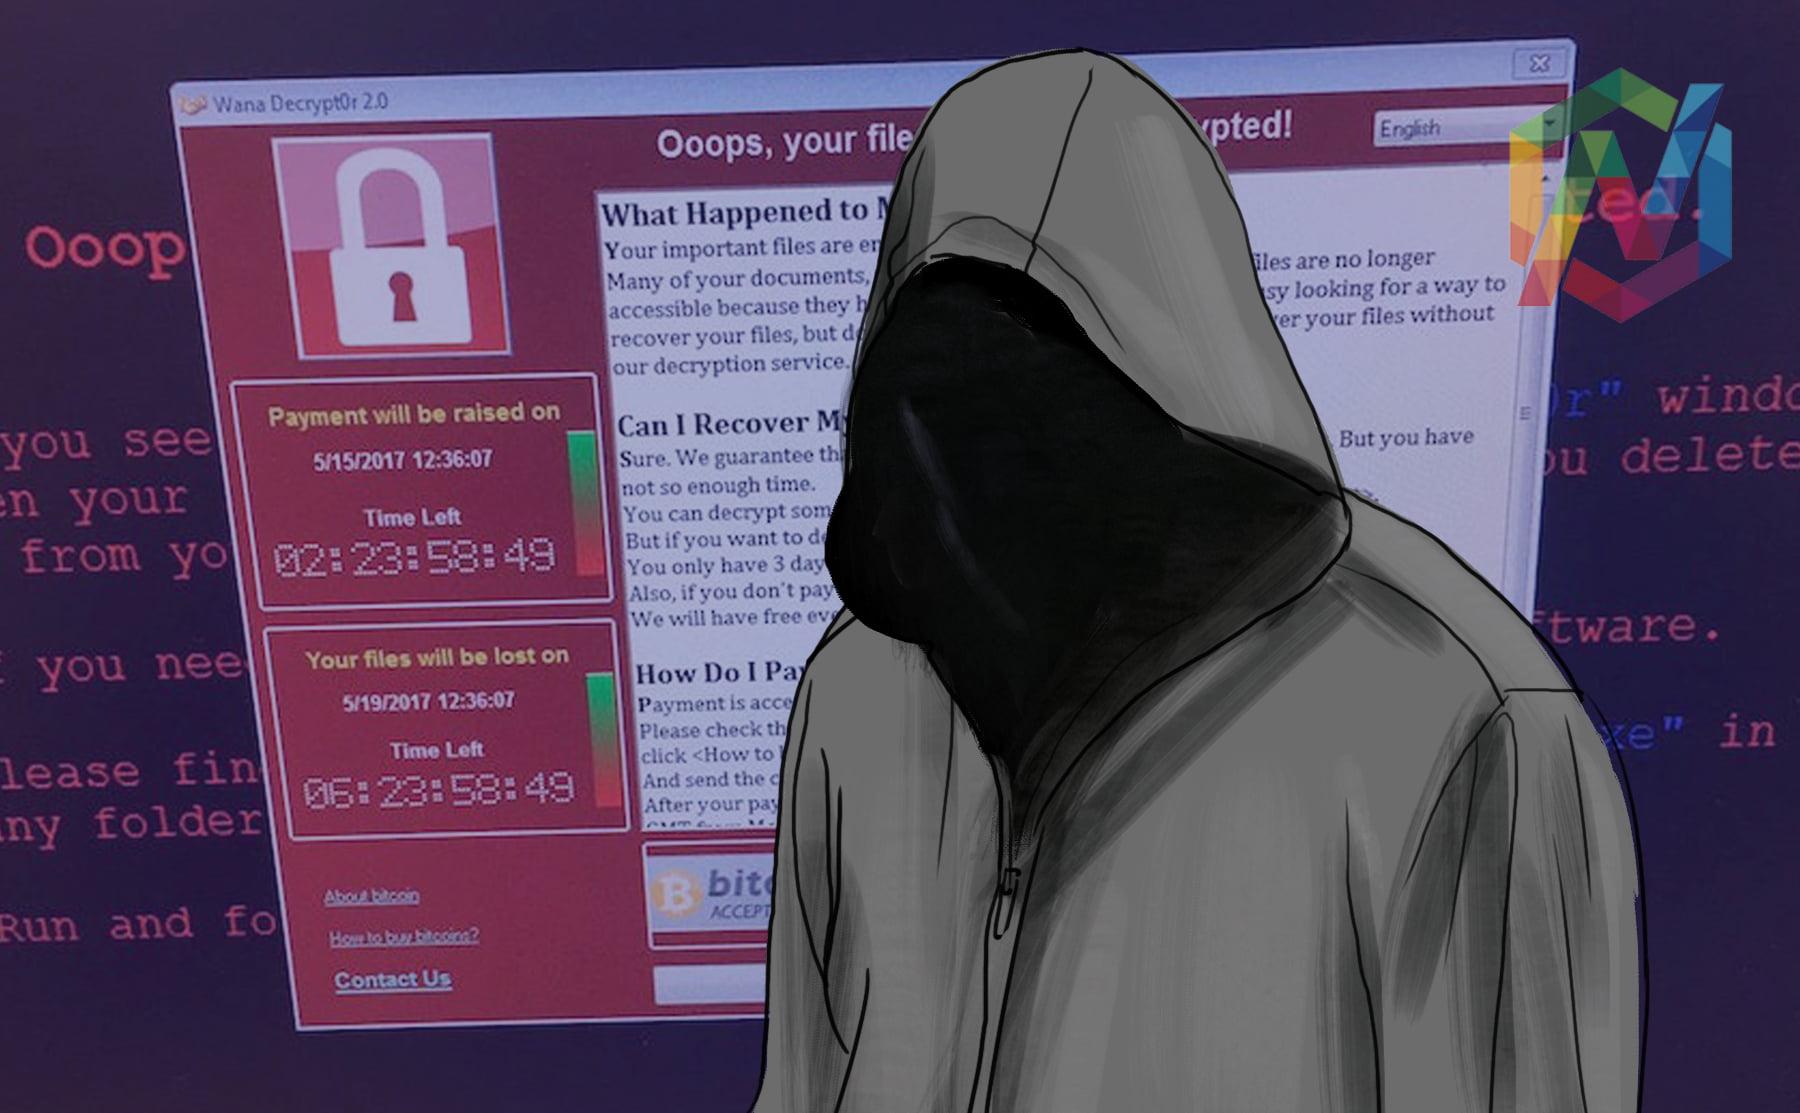 wannacry, ransomware